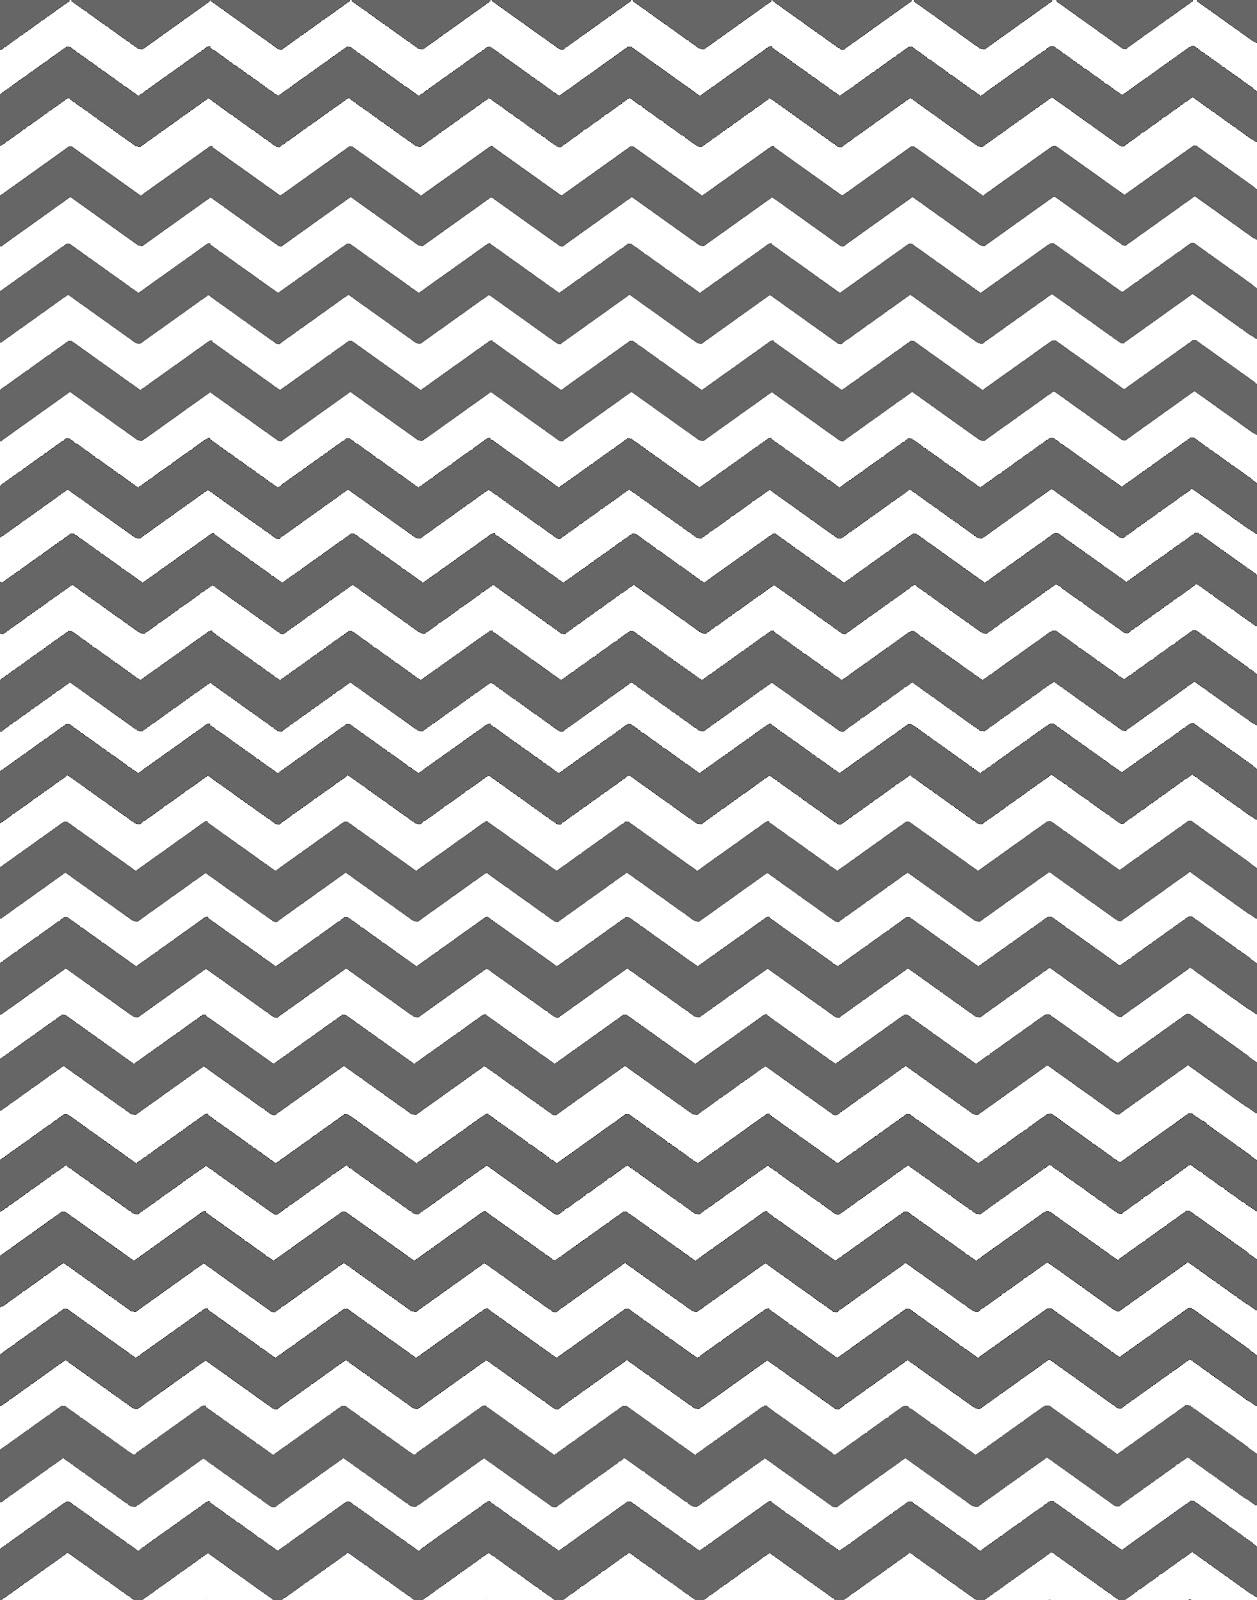 graygreychevronbackgroundpaperpattern 1257x1600